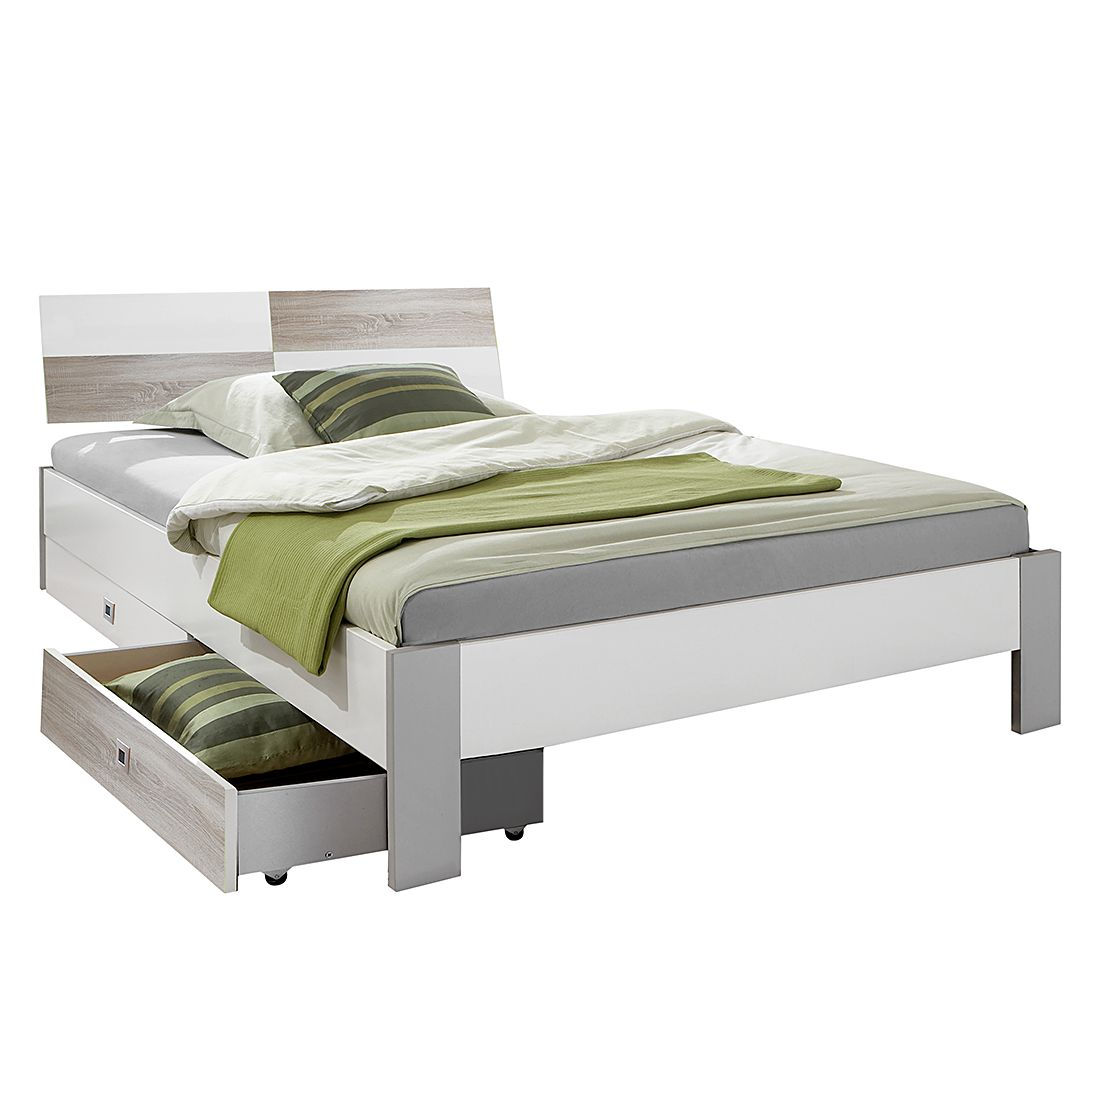 bett 200 x 90 preisvergleich die besten angebote online kaufen. Black Bedroom Furniture Sets. Home Design Ideas